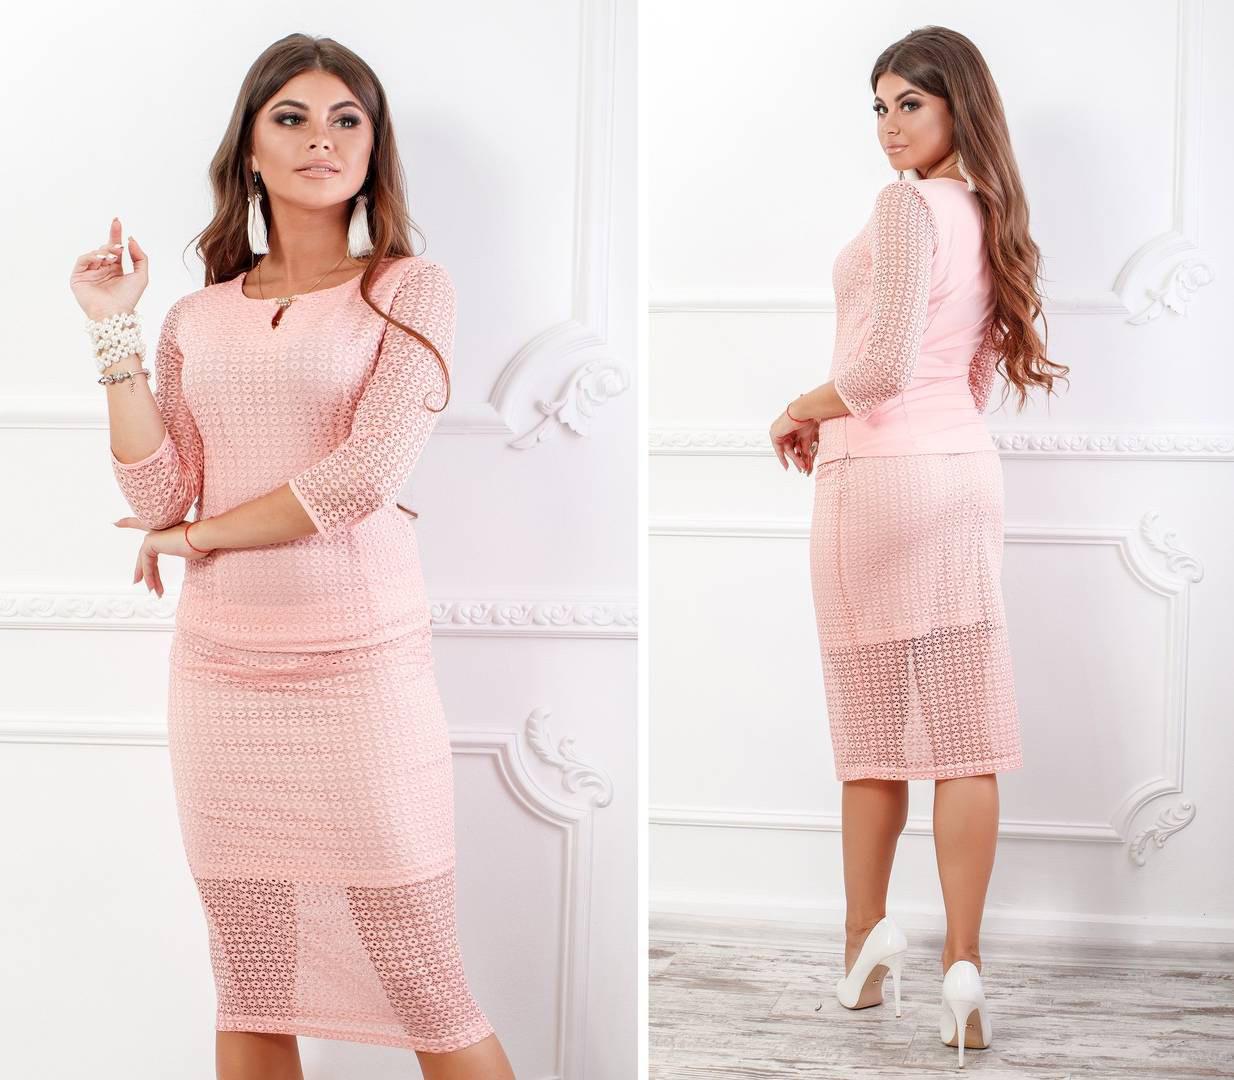 Блуза кружевная с брошкой, новинка 2018, модель 123, цвет - розовая пудра